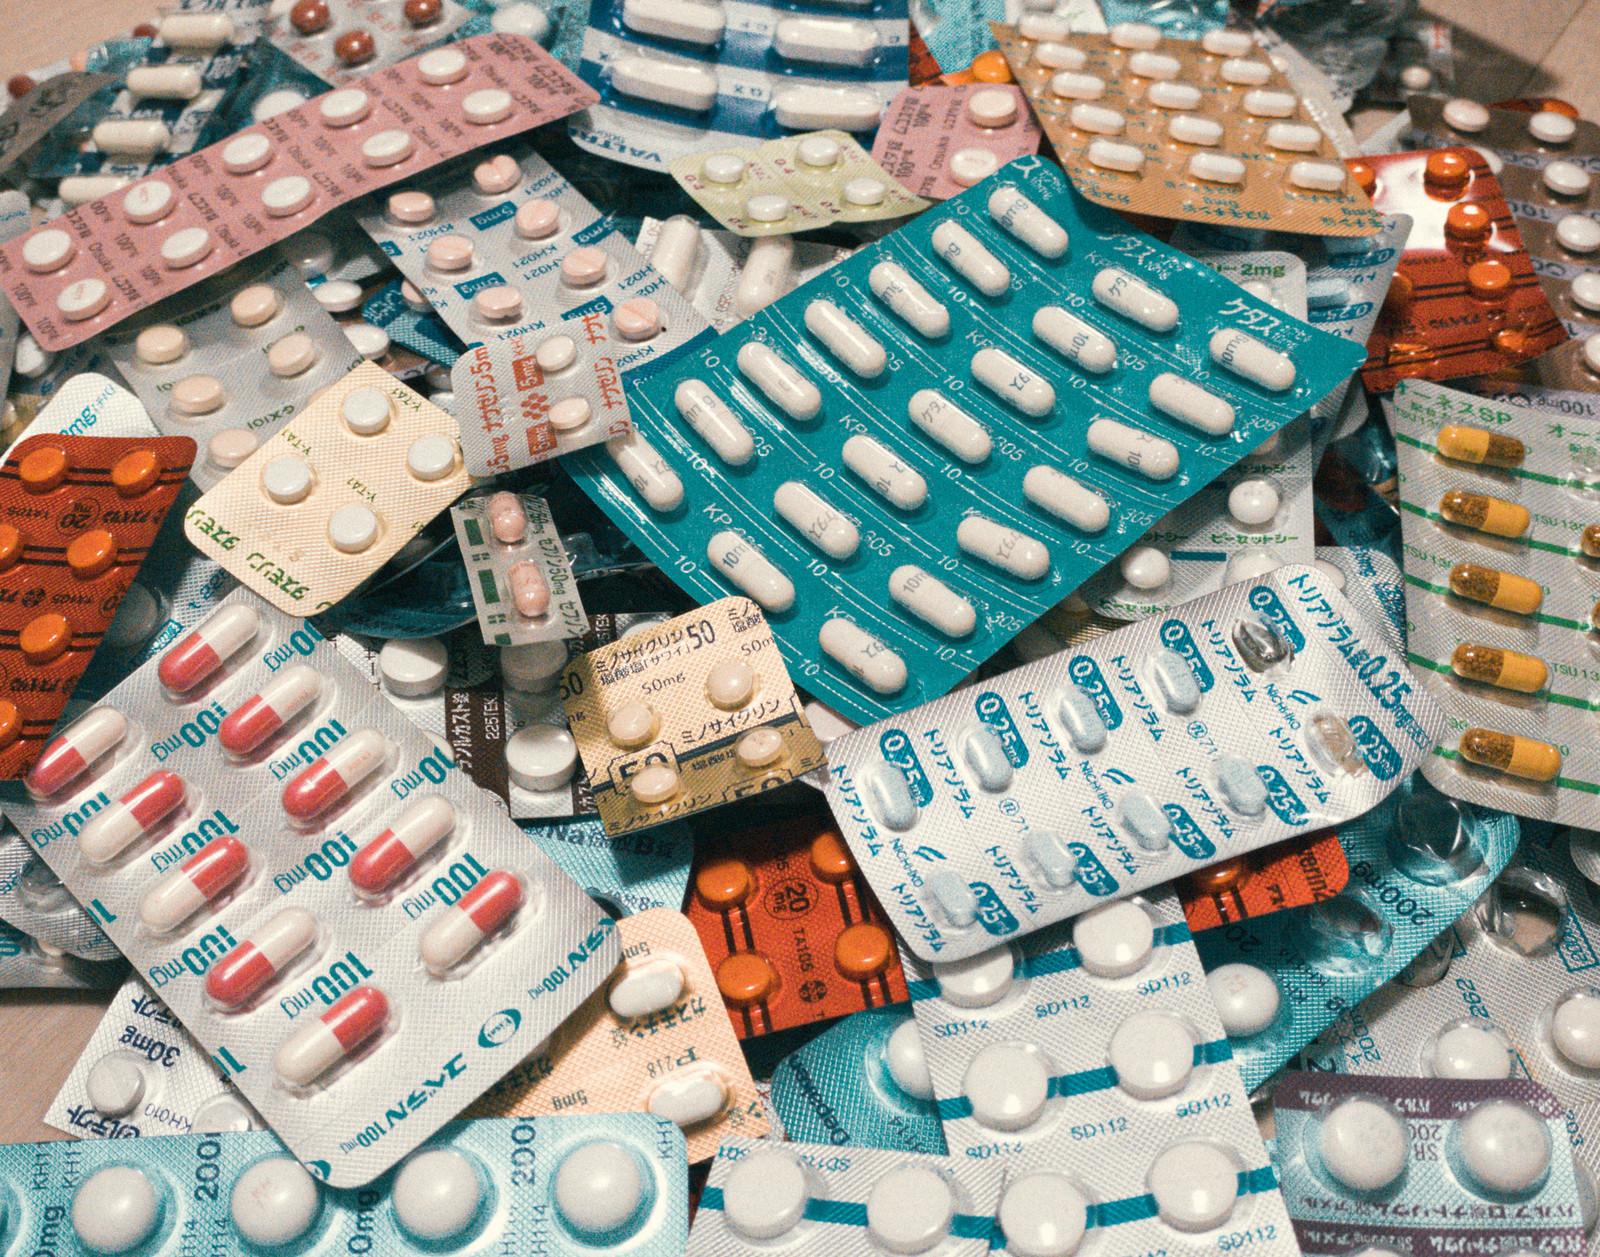 錠剤を上手に飲み込む方法